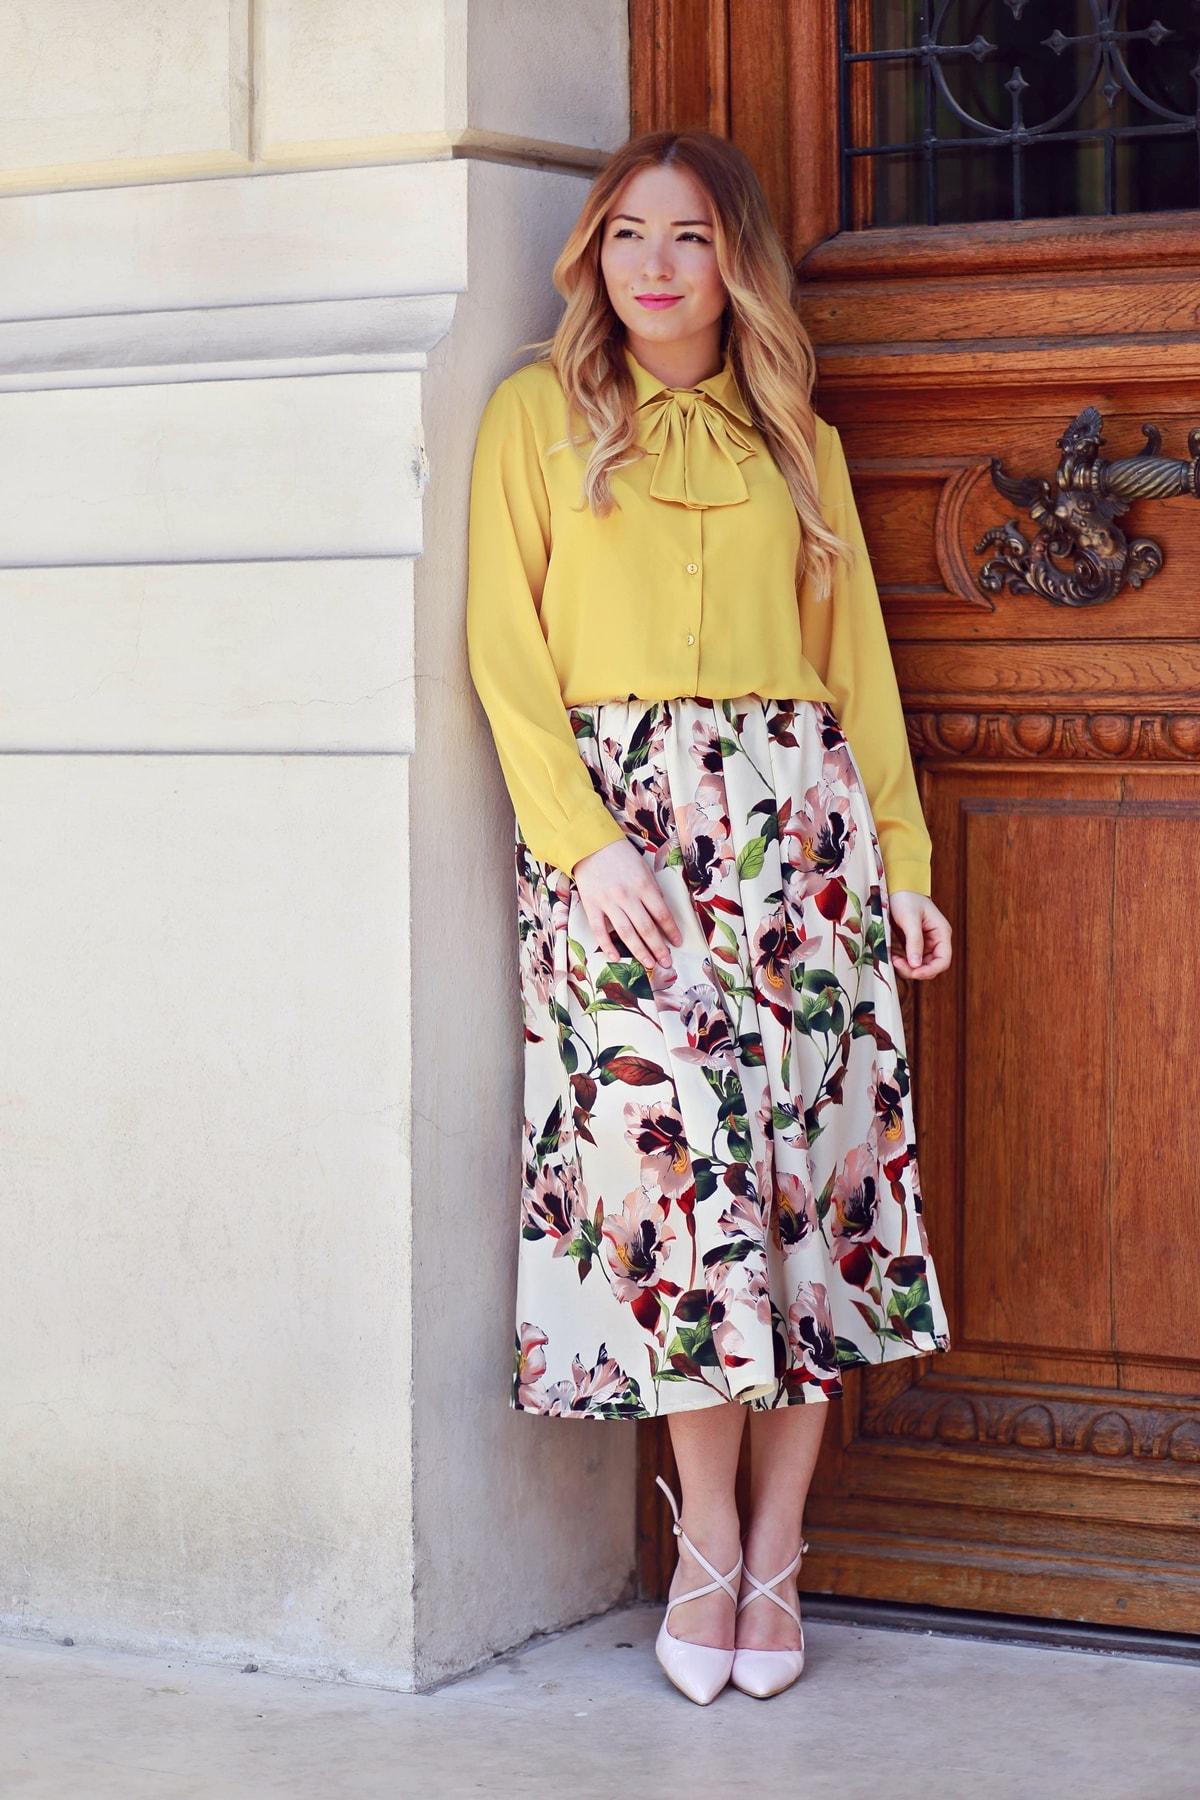 Camasa galben mustar cu funda, shein, fusta midi cu imprimeu floral, shein, andreea ristea blog